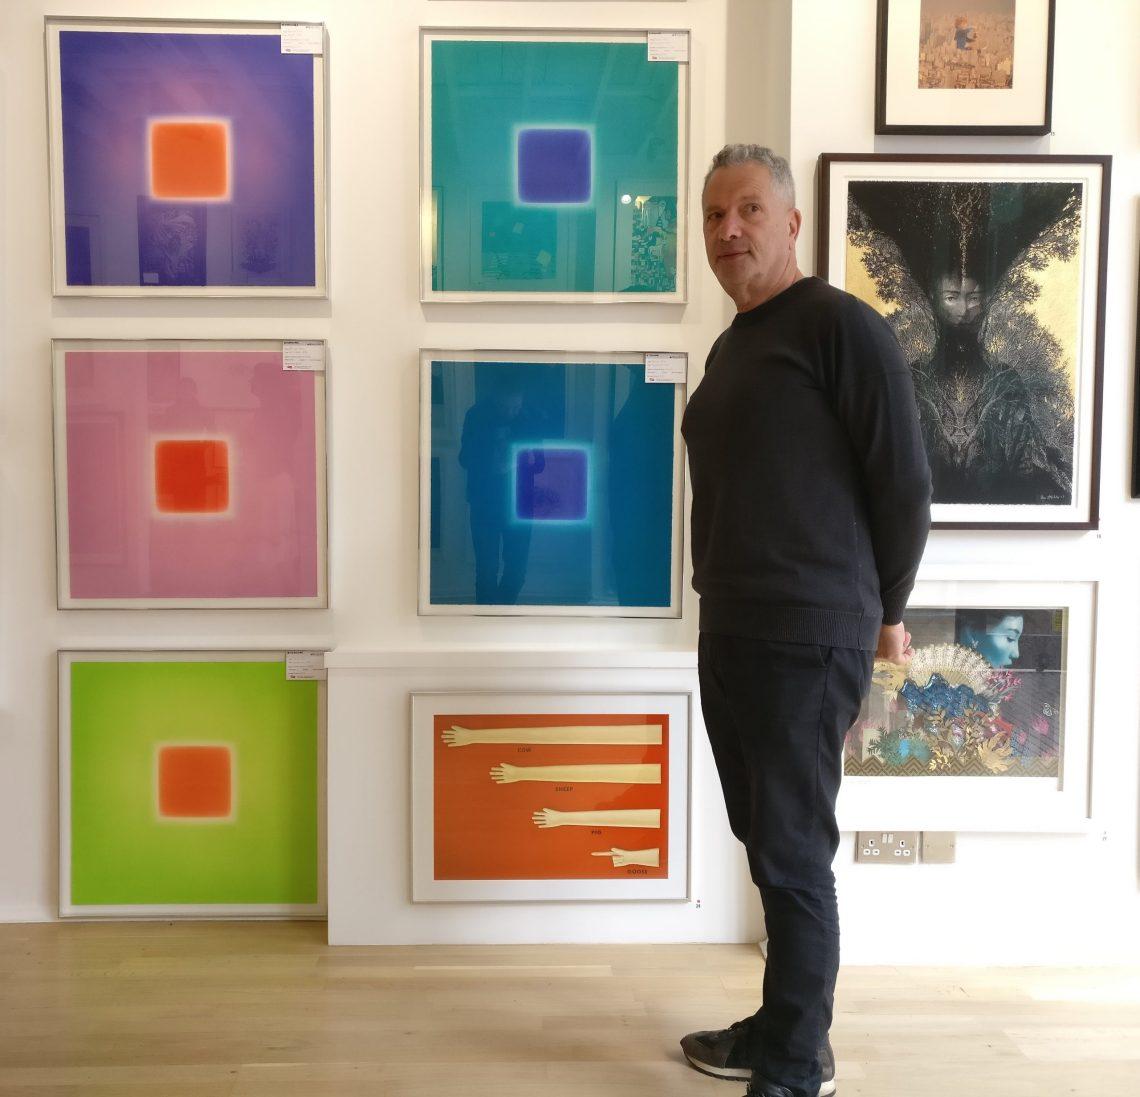 Lawrence Alkin in front of art inside the Art Republic Gallery